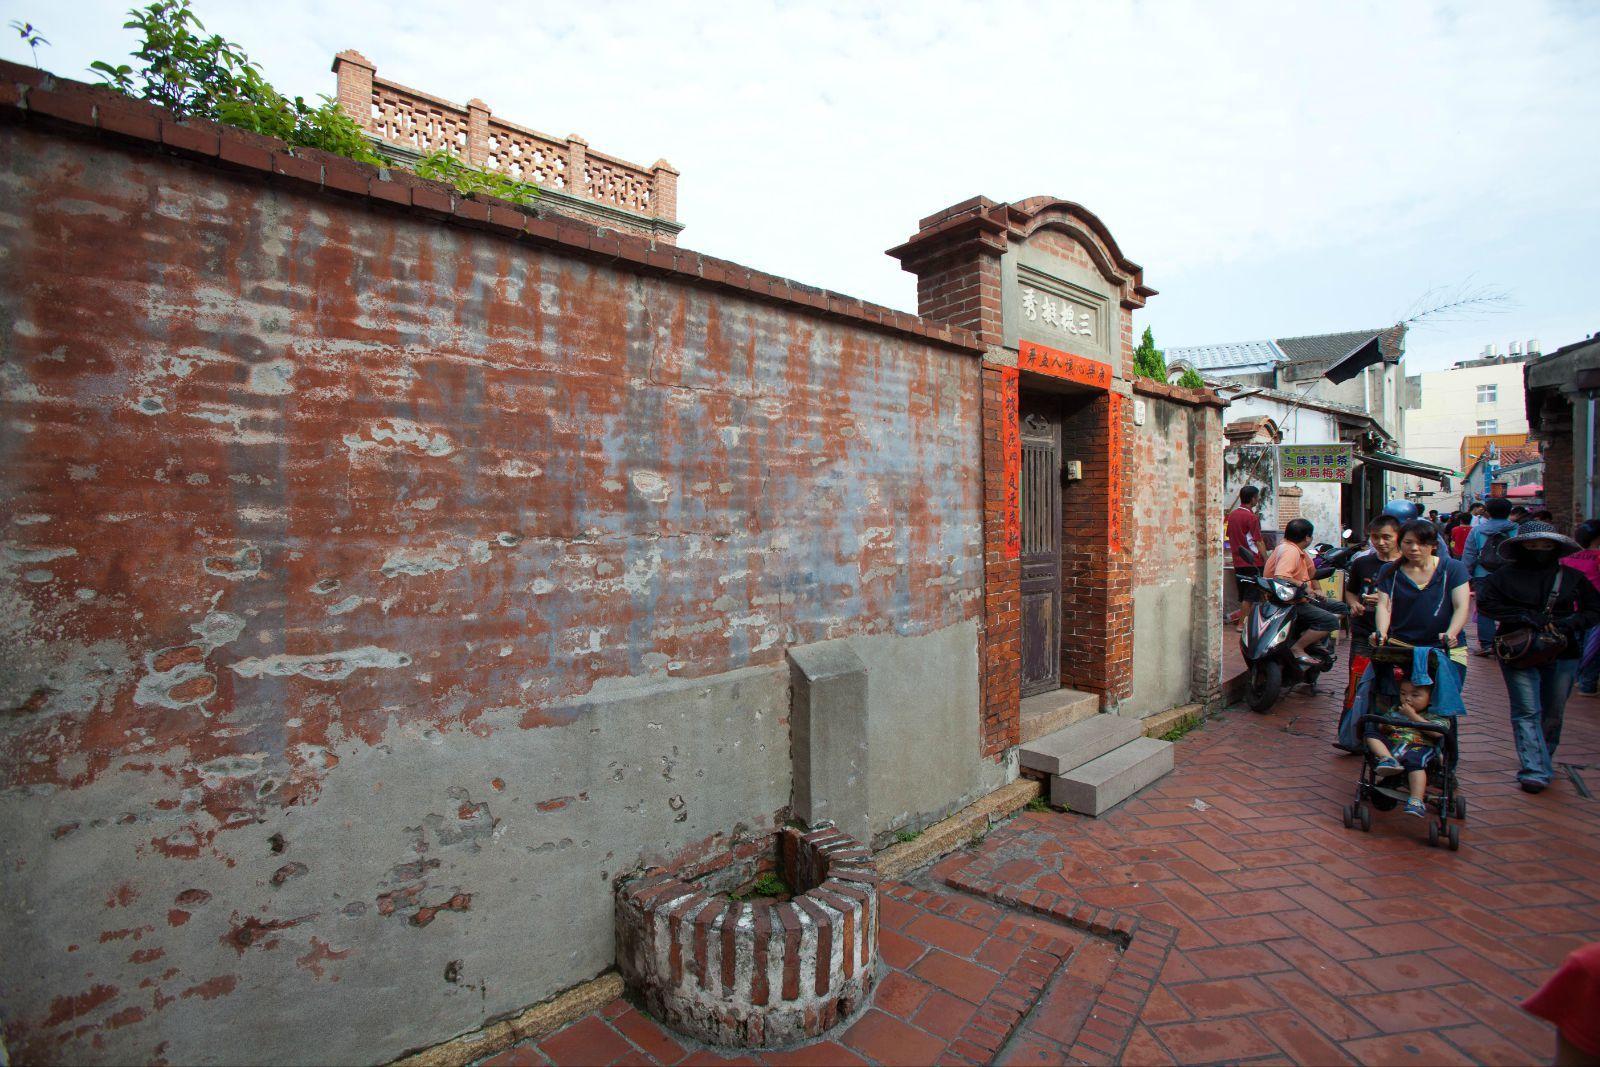 在井边的墙上有介绍它的故事,旧时只有富人有钱能凿井取水,因此鹿港富